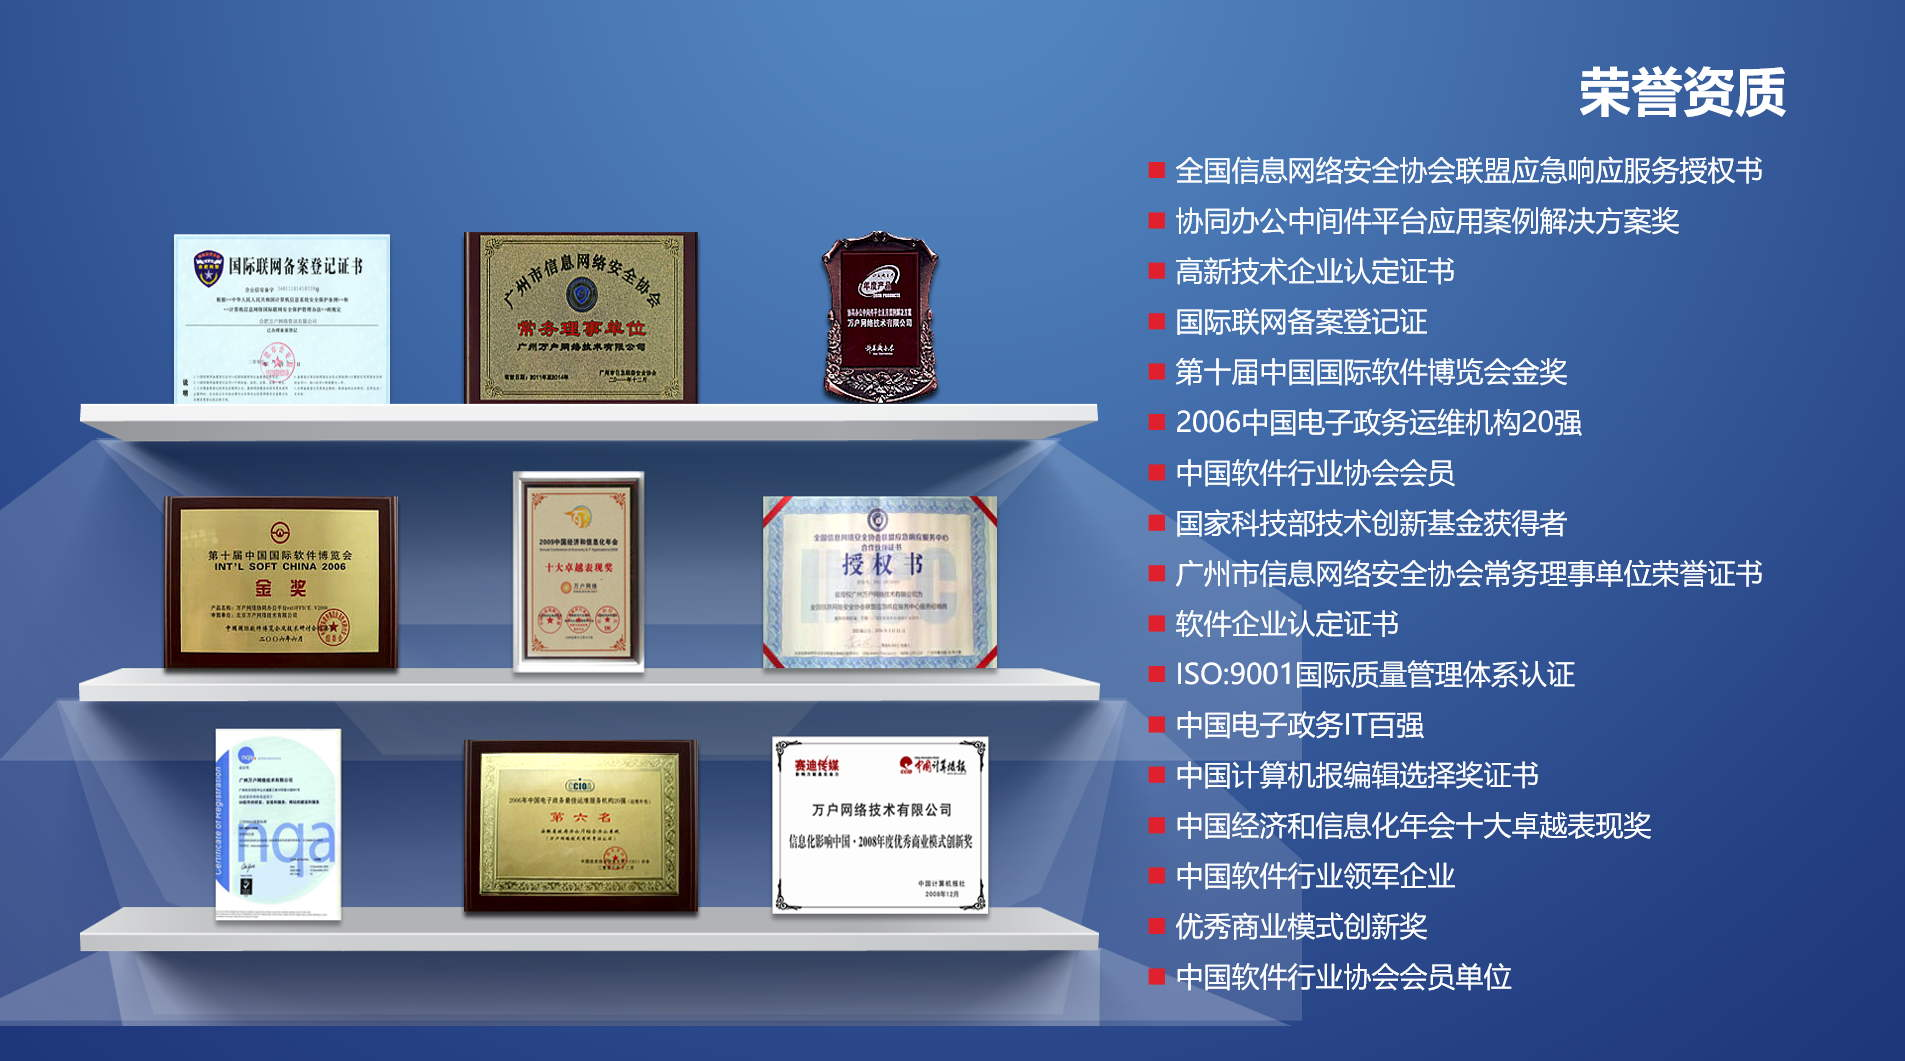 官网网页ui设计外营销型贸网站建设ui设计响应式网站后端开发